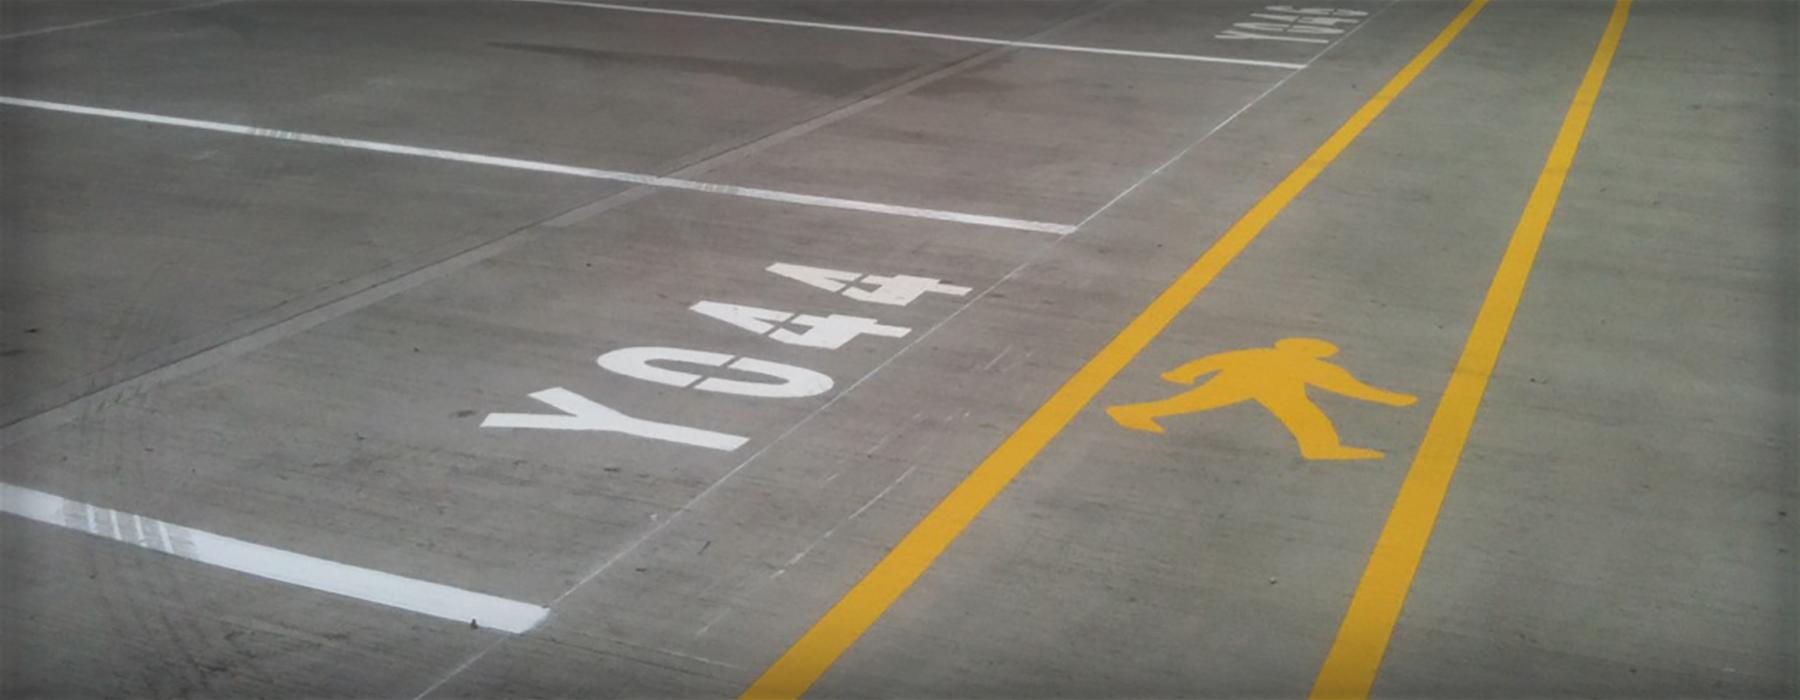 Warehouse Yard Marking